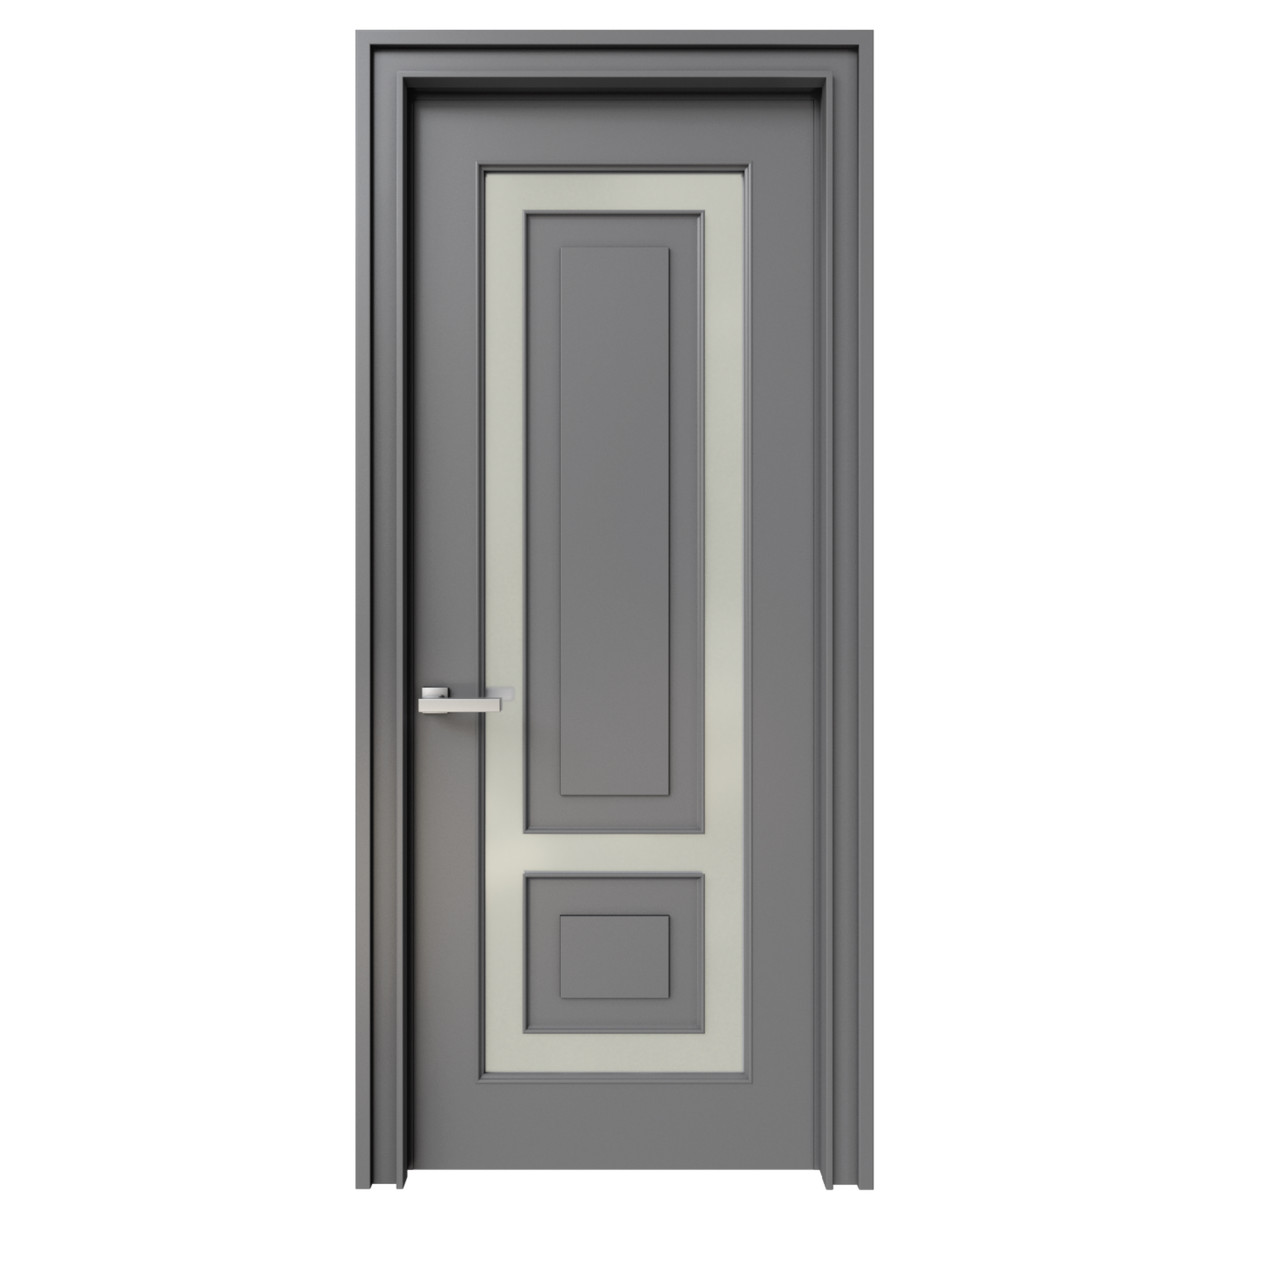 Межкомнатная дверь Casa Verdi Vetro 5 из массива ясеня